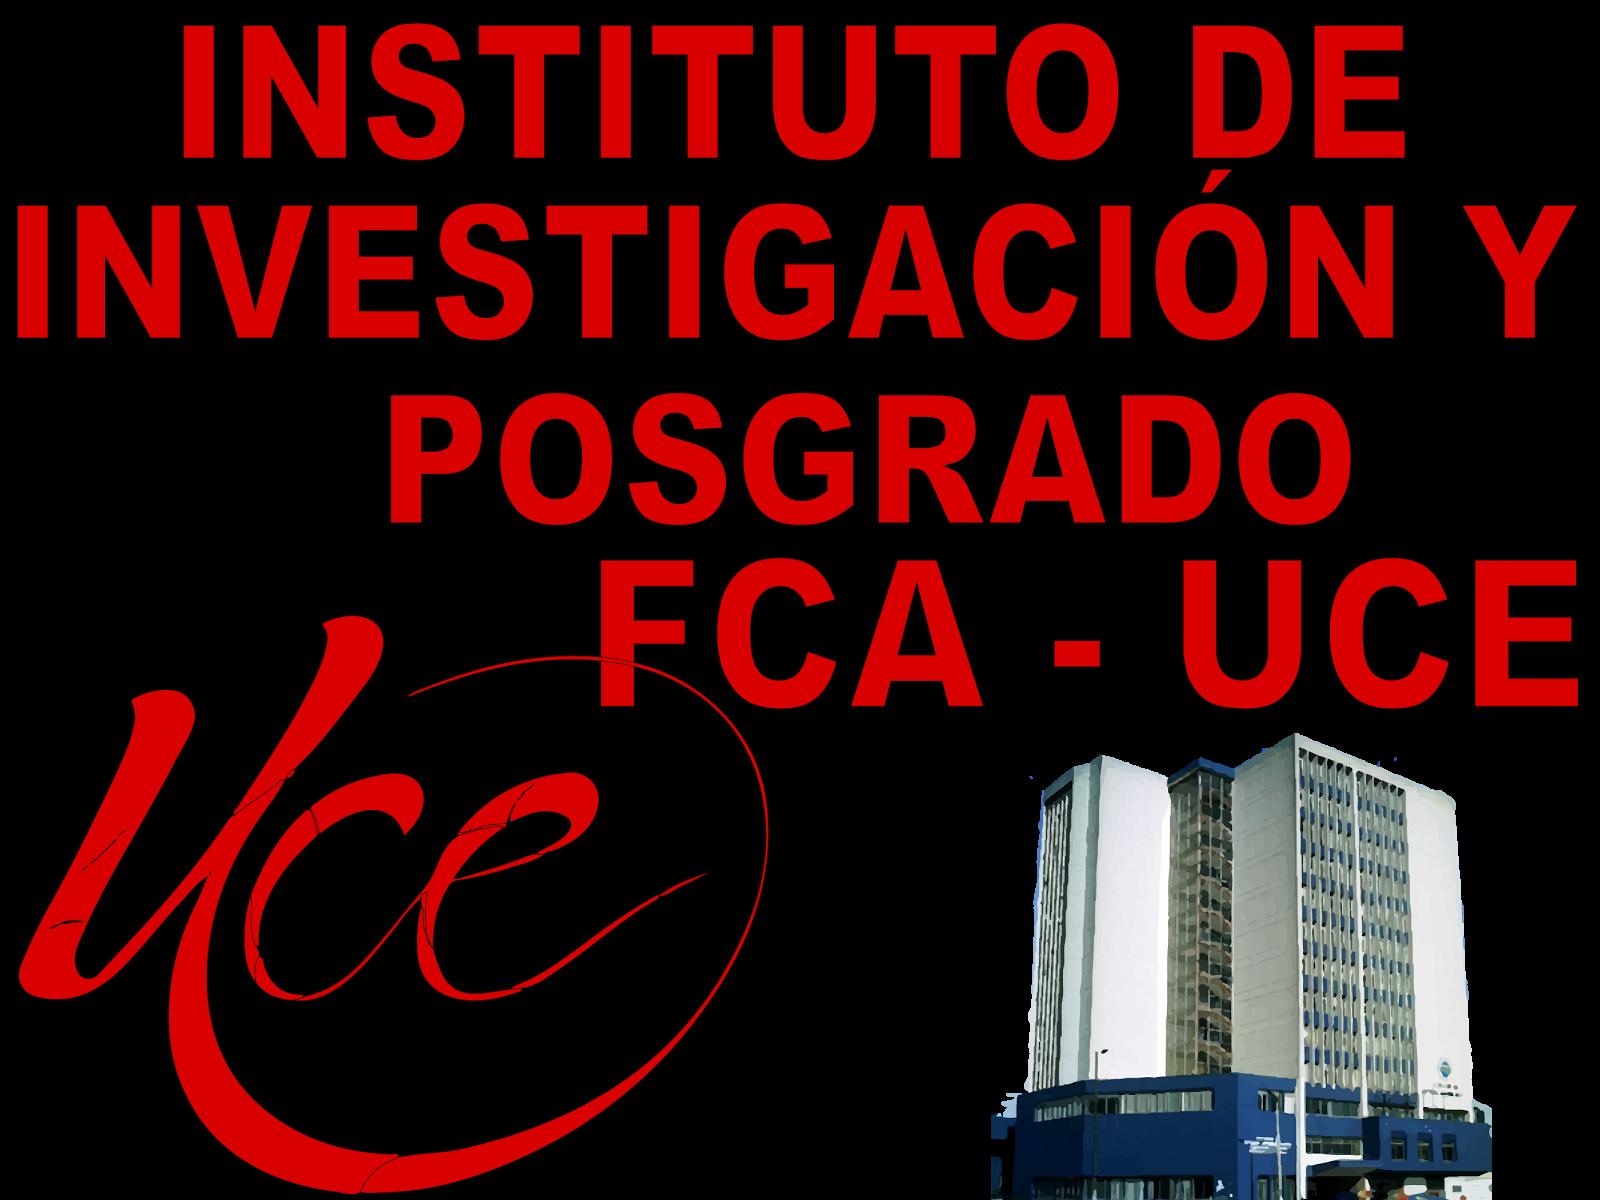 INSTITUTO DE INVESTIGACIÓN Y POSGRADO FCA - UCE